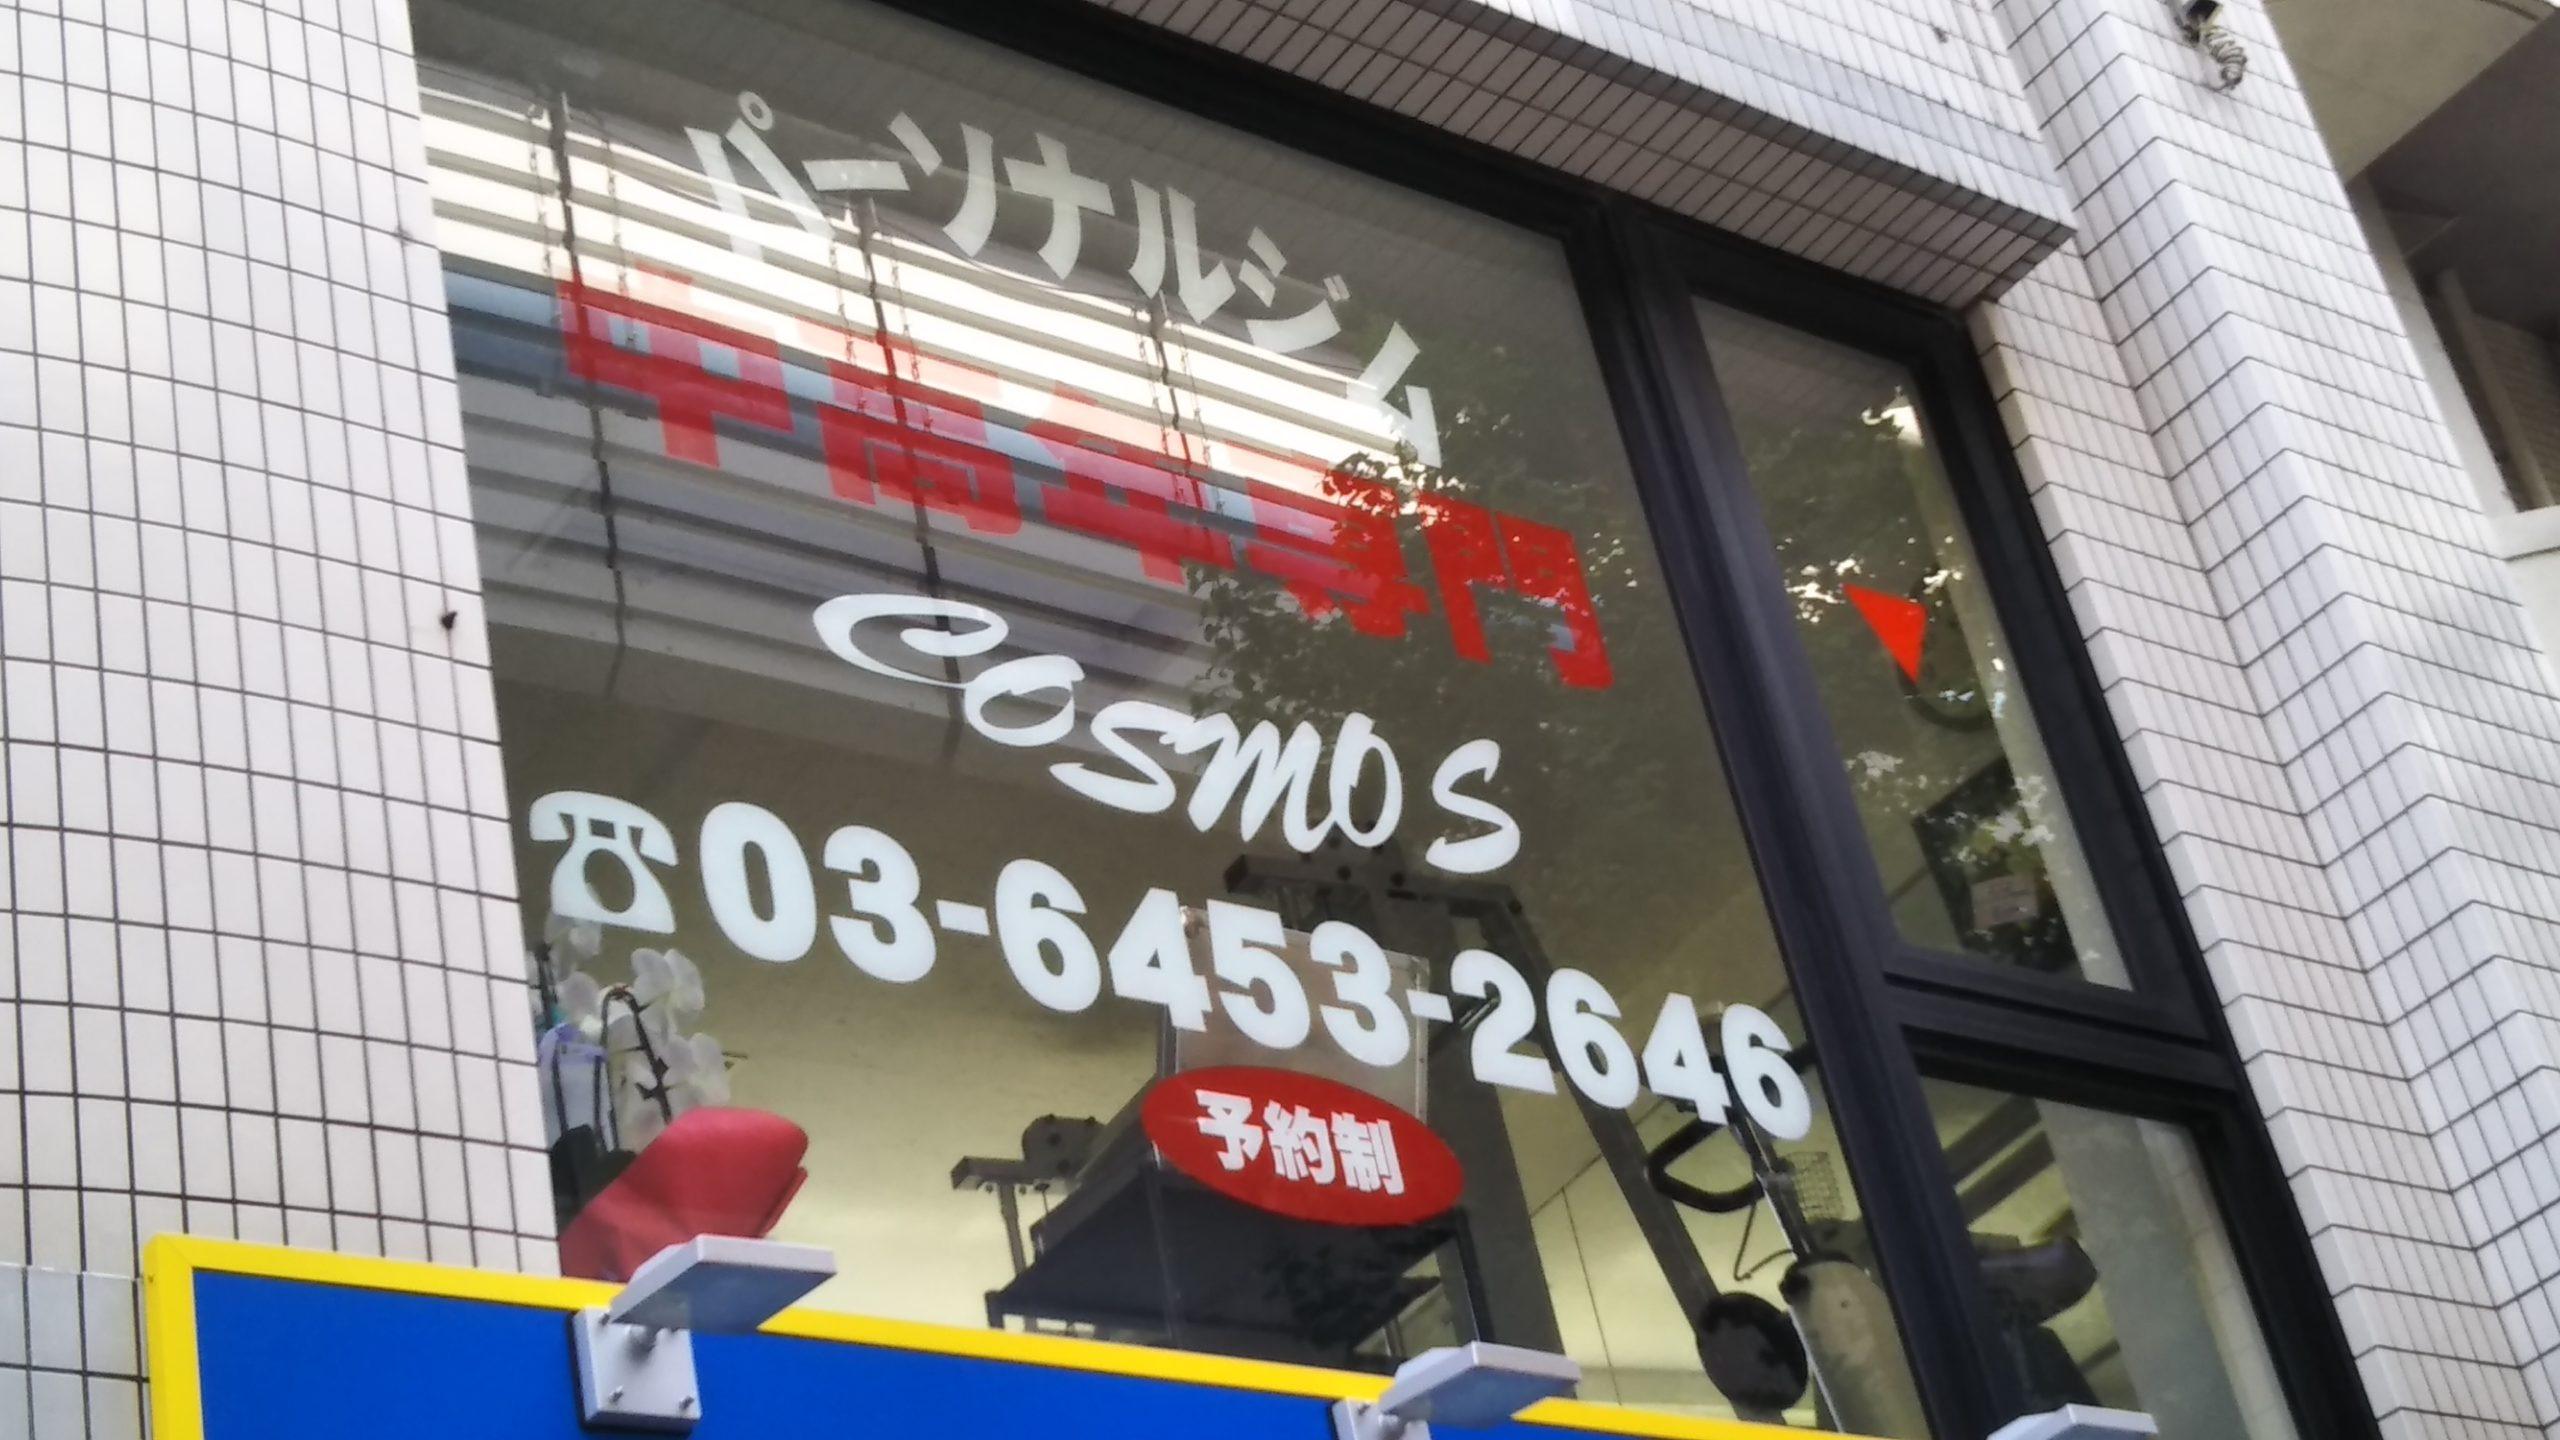 東急東横線駒沢大学駅から徒歩1分!通いやすい抜群の立地!忙しい方にも仕事帰りに通いやすいジムの環境です。